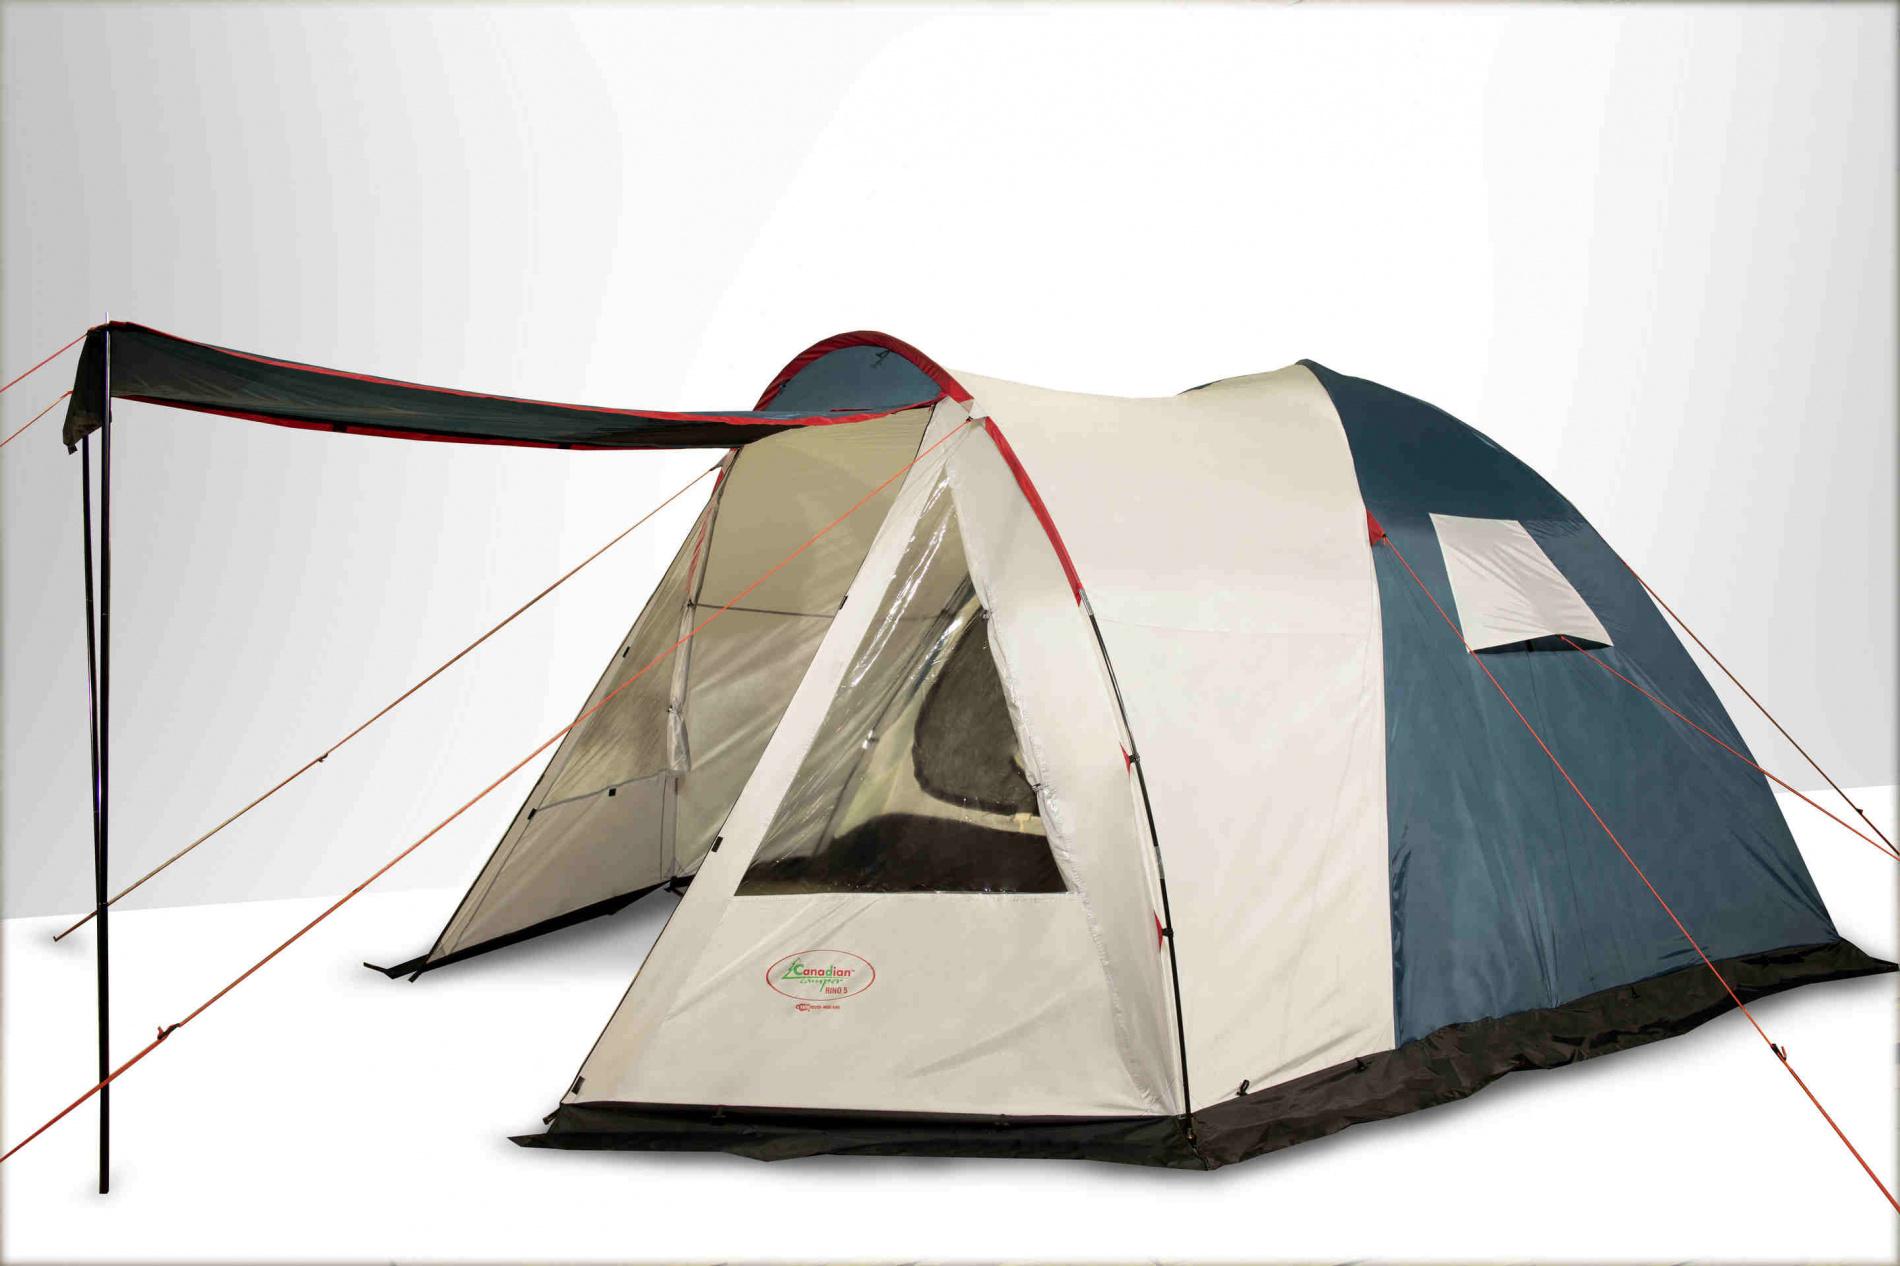 Палатка Canadian Camper RINO 5 (цвет royal дуги 11мм )Палатки<br>Особенности: - большая спальная комната; <br>- вместительный дуговой тамбур; - минимальный <br>вес.<br><br>Сезон: лето<br>Цвет: синий